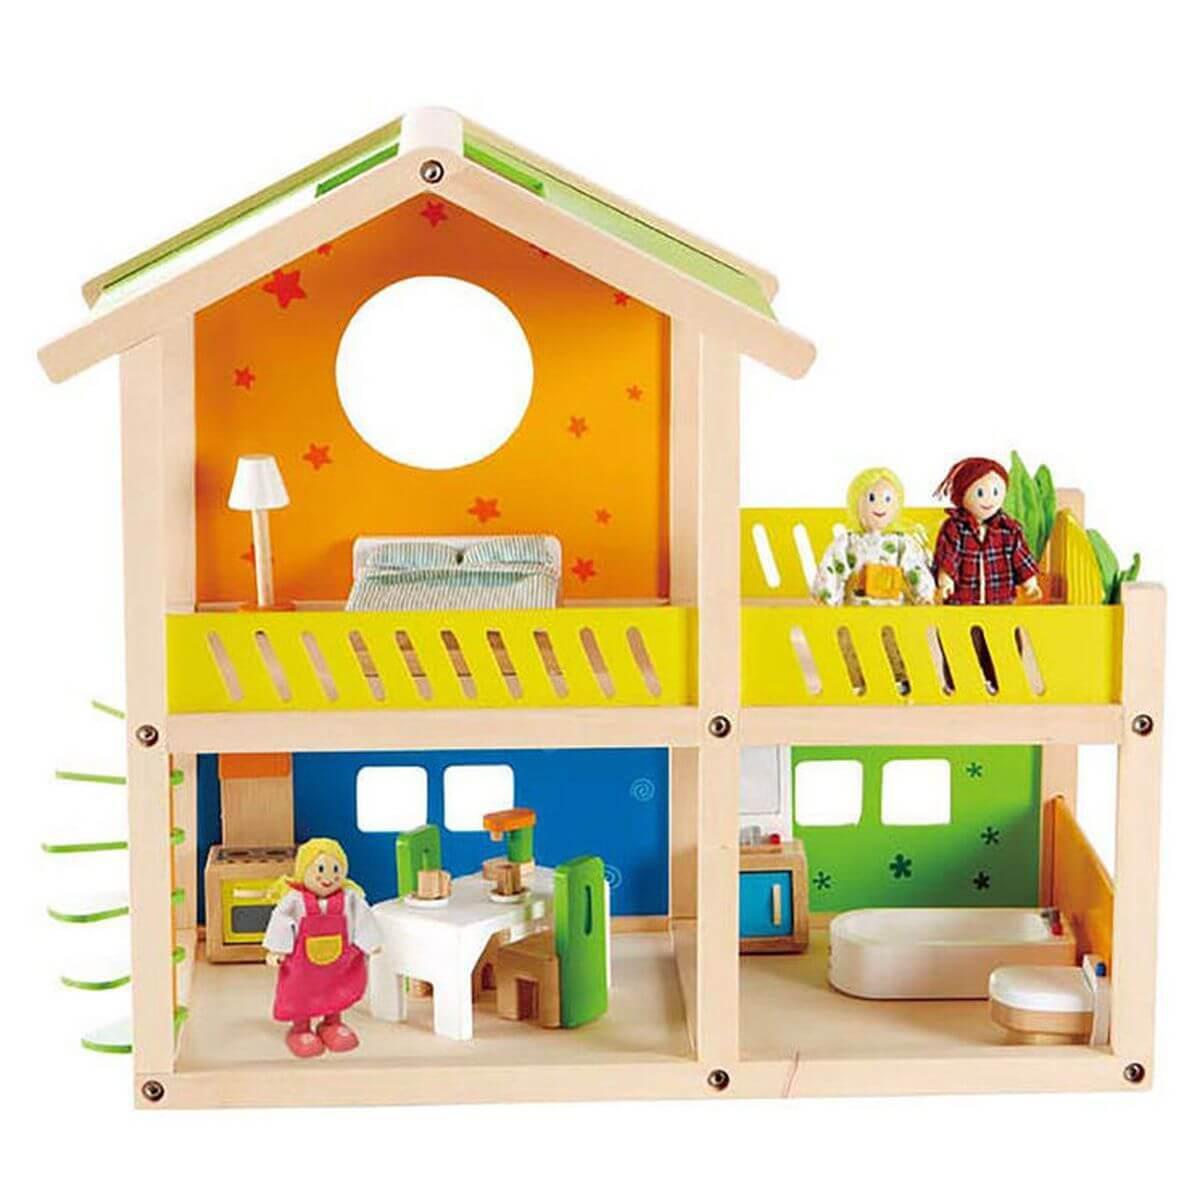 Maison de poupées HAPPY VILLA Hape